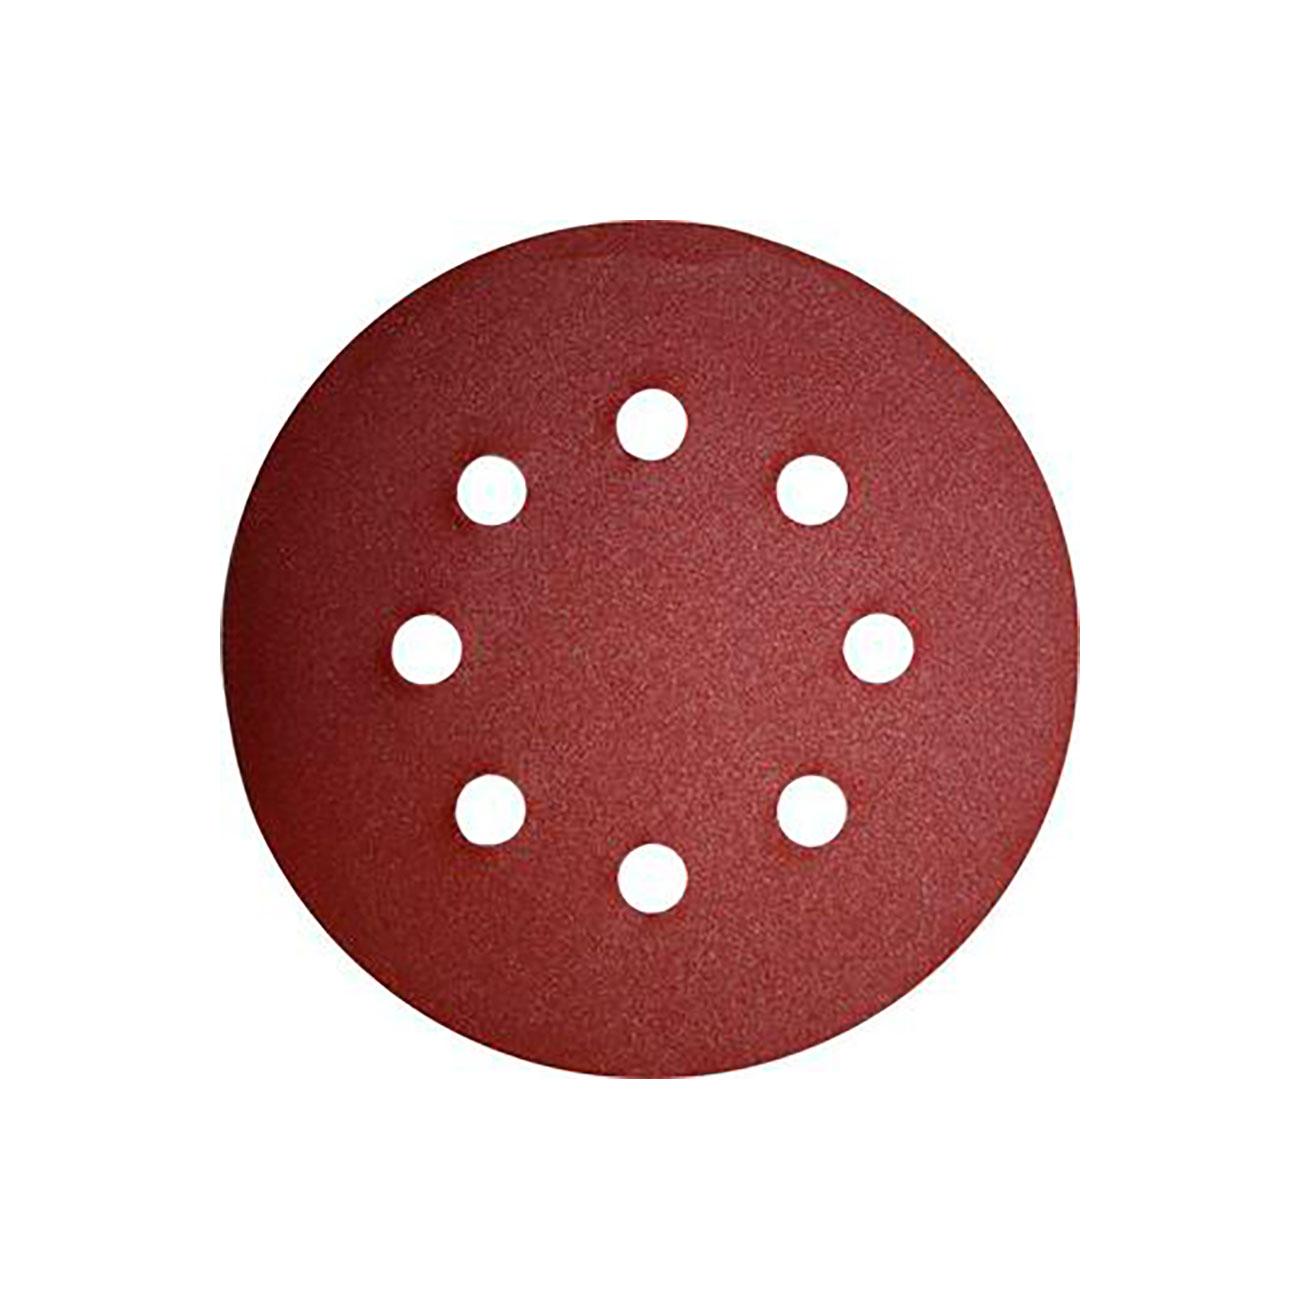 Фото Шлифовальные круги Практика Профи, на липкой основе, Р180, для металла и дерева, 8 отверстий, 125 мм (25 шт) {034-199}